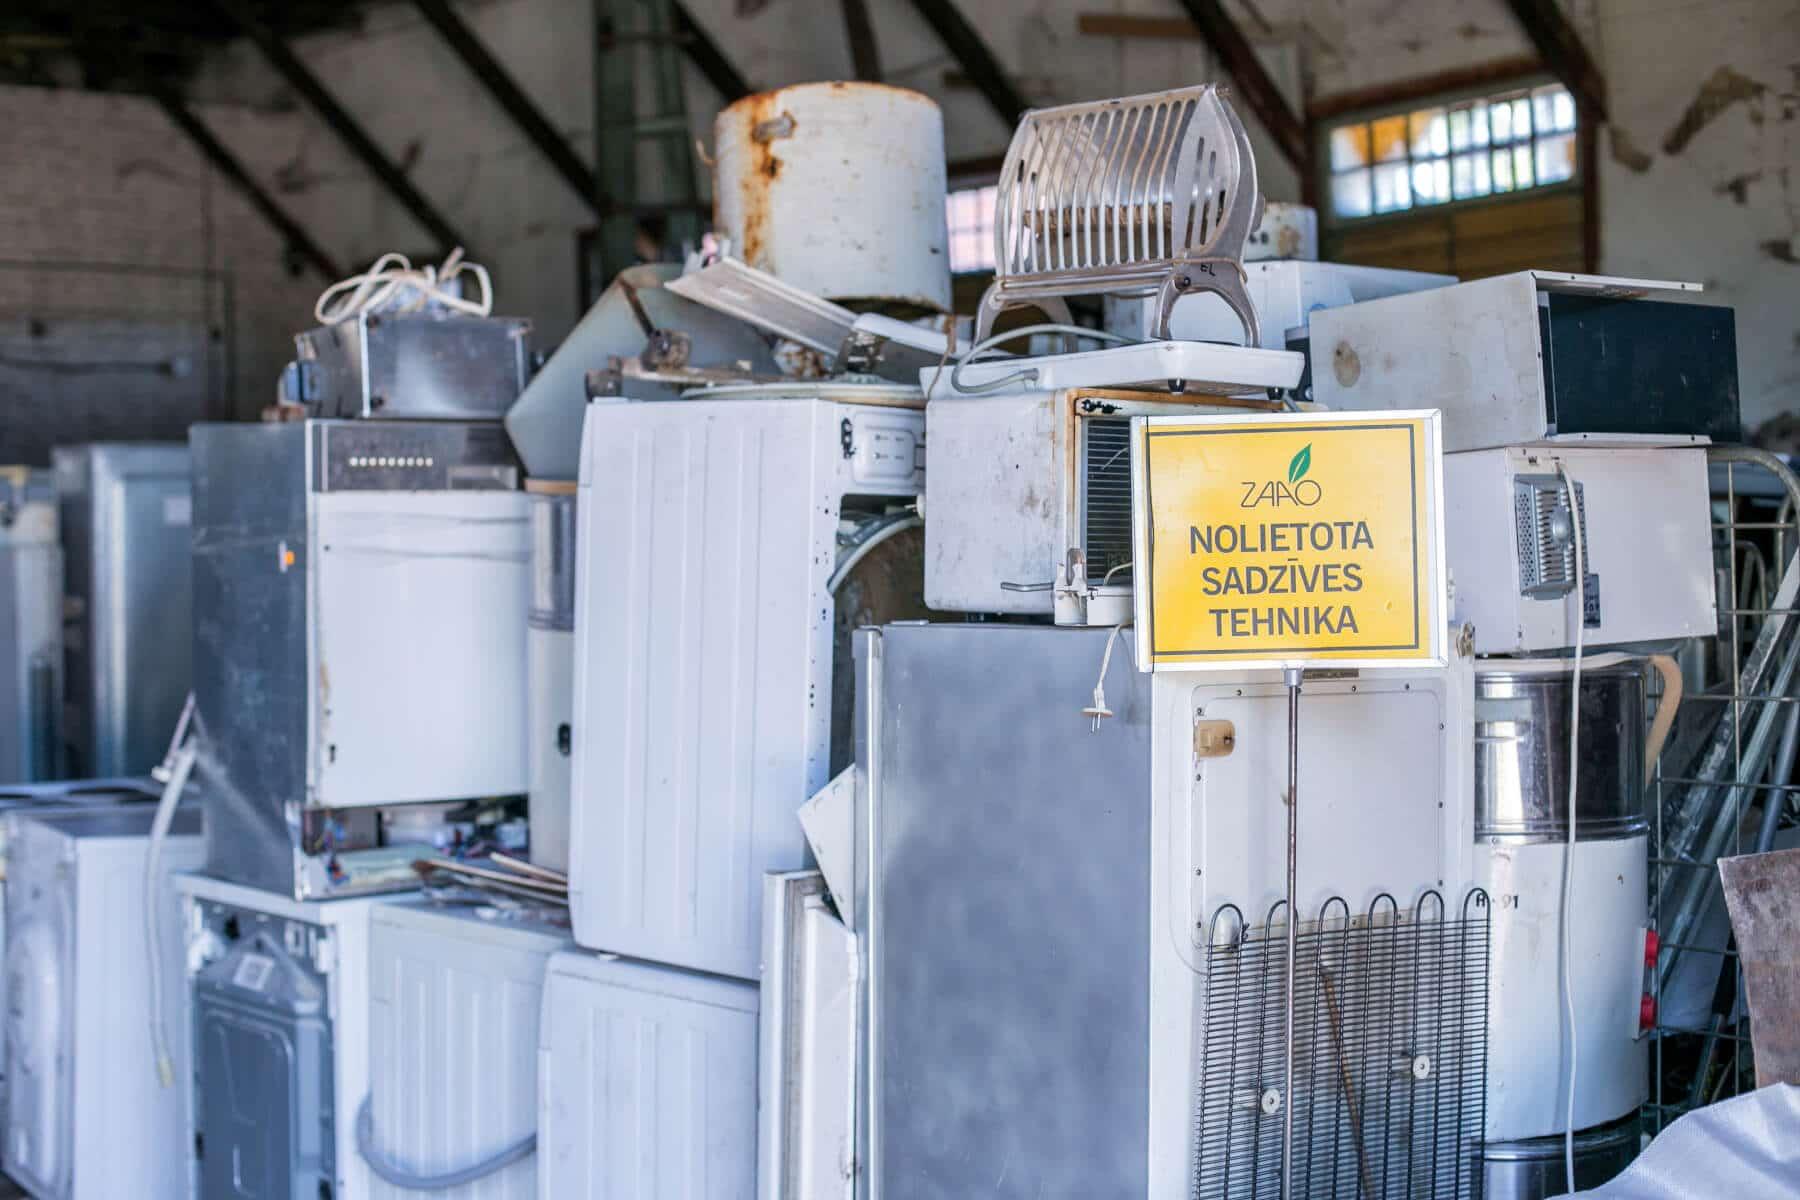 Iedzīvotāji akcijas laikā nodod 35.5 tonnas nolietotu elektrotehniku